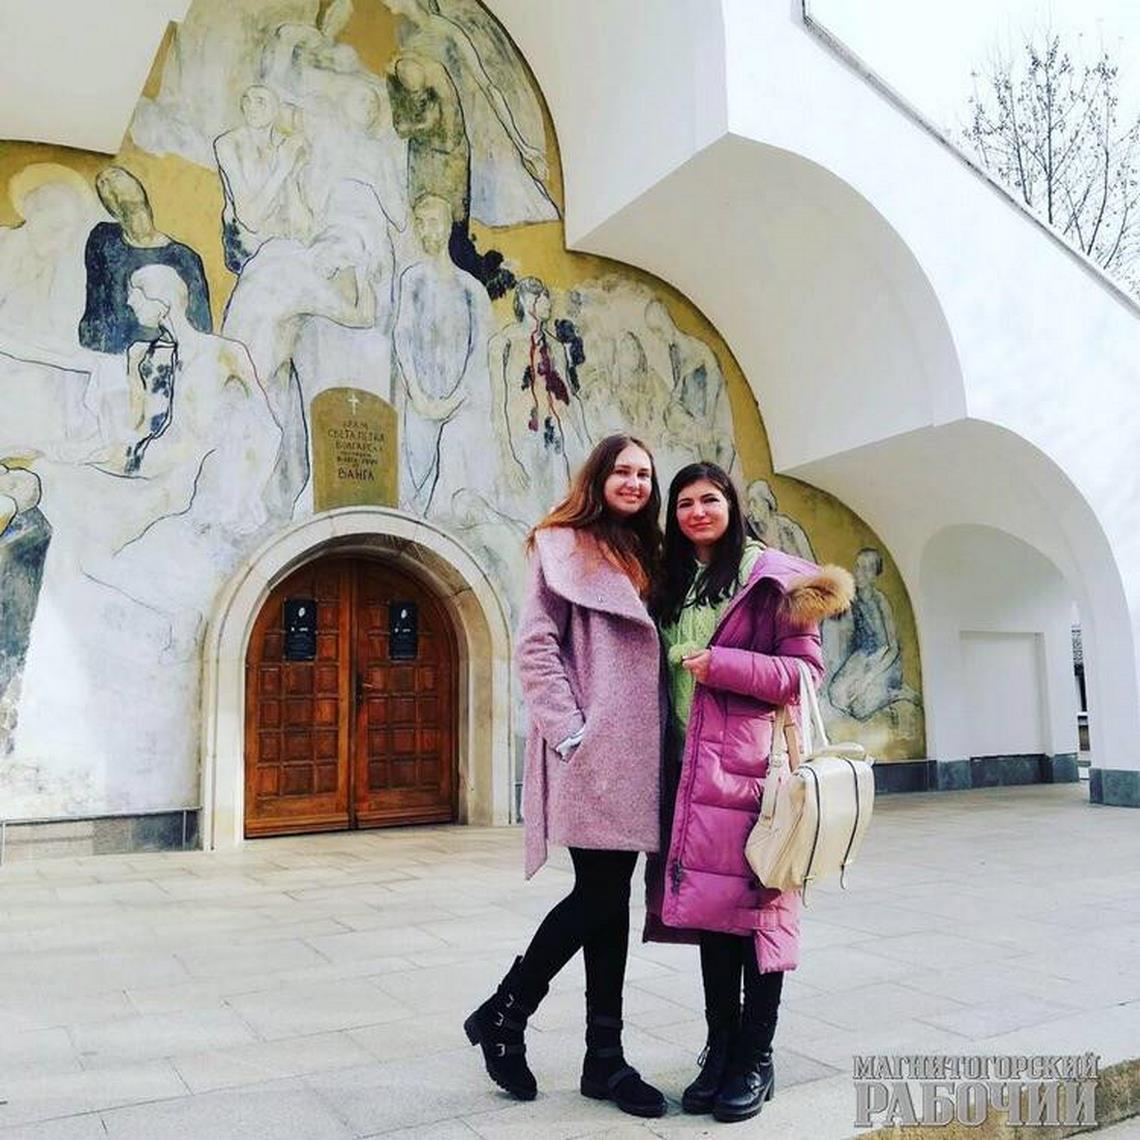 «Как вкино!» Жительница Магнитогорска стала первой студенткой в Болгарии и нашла там бабушку